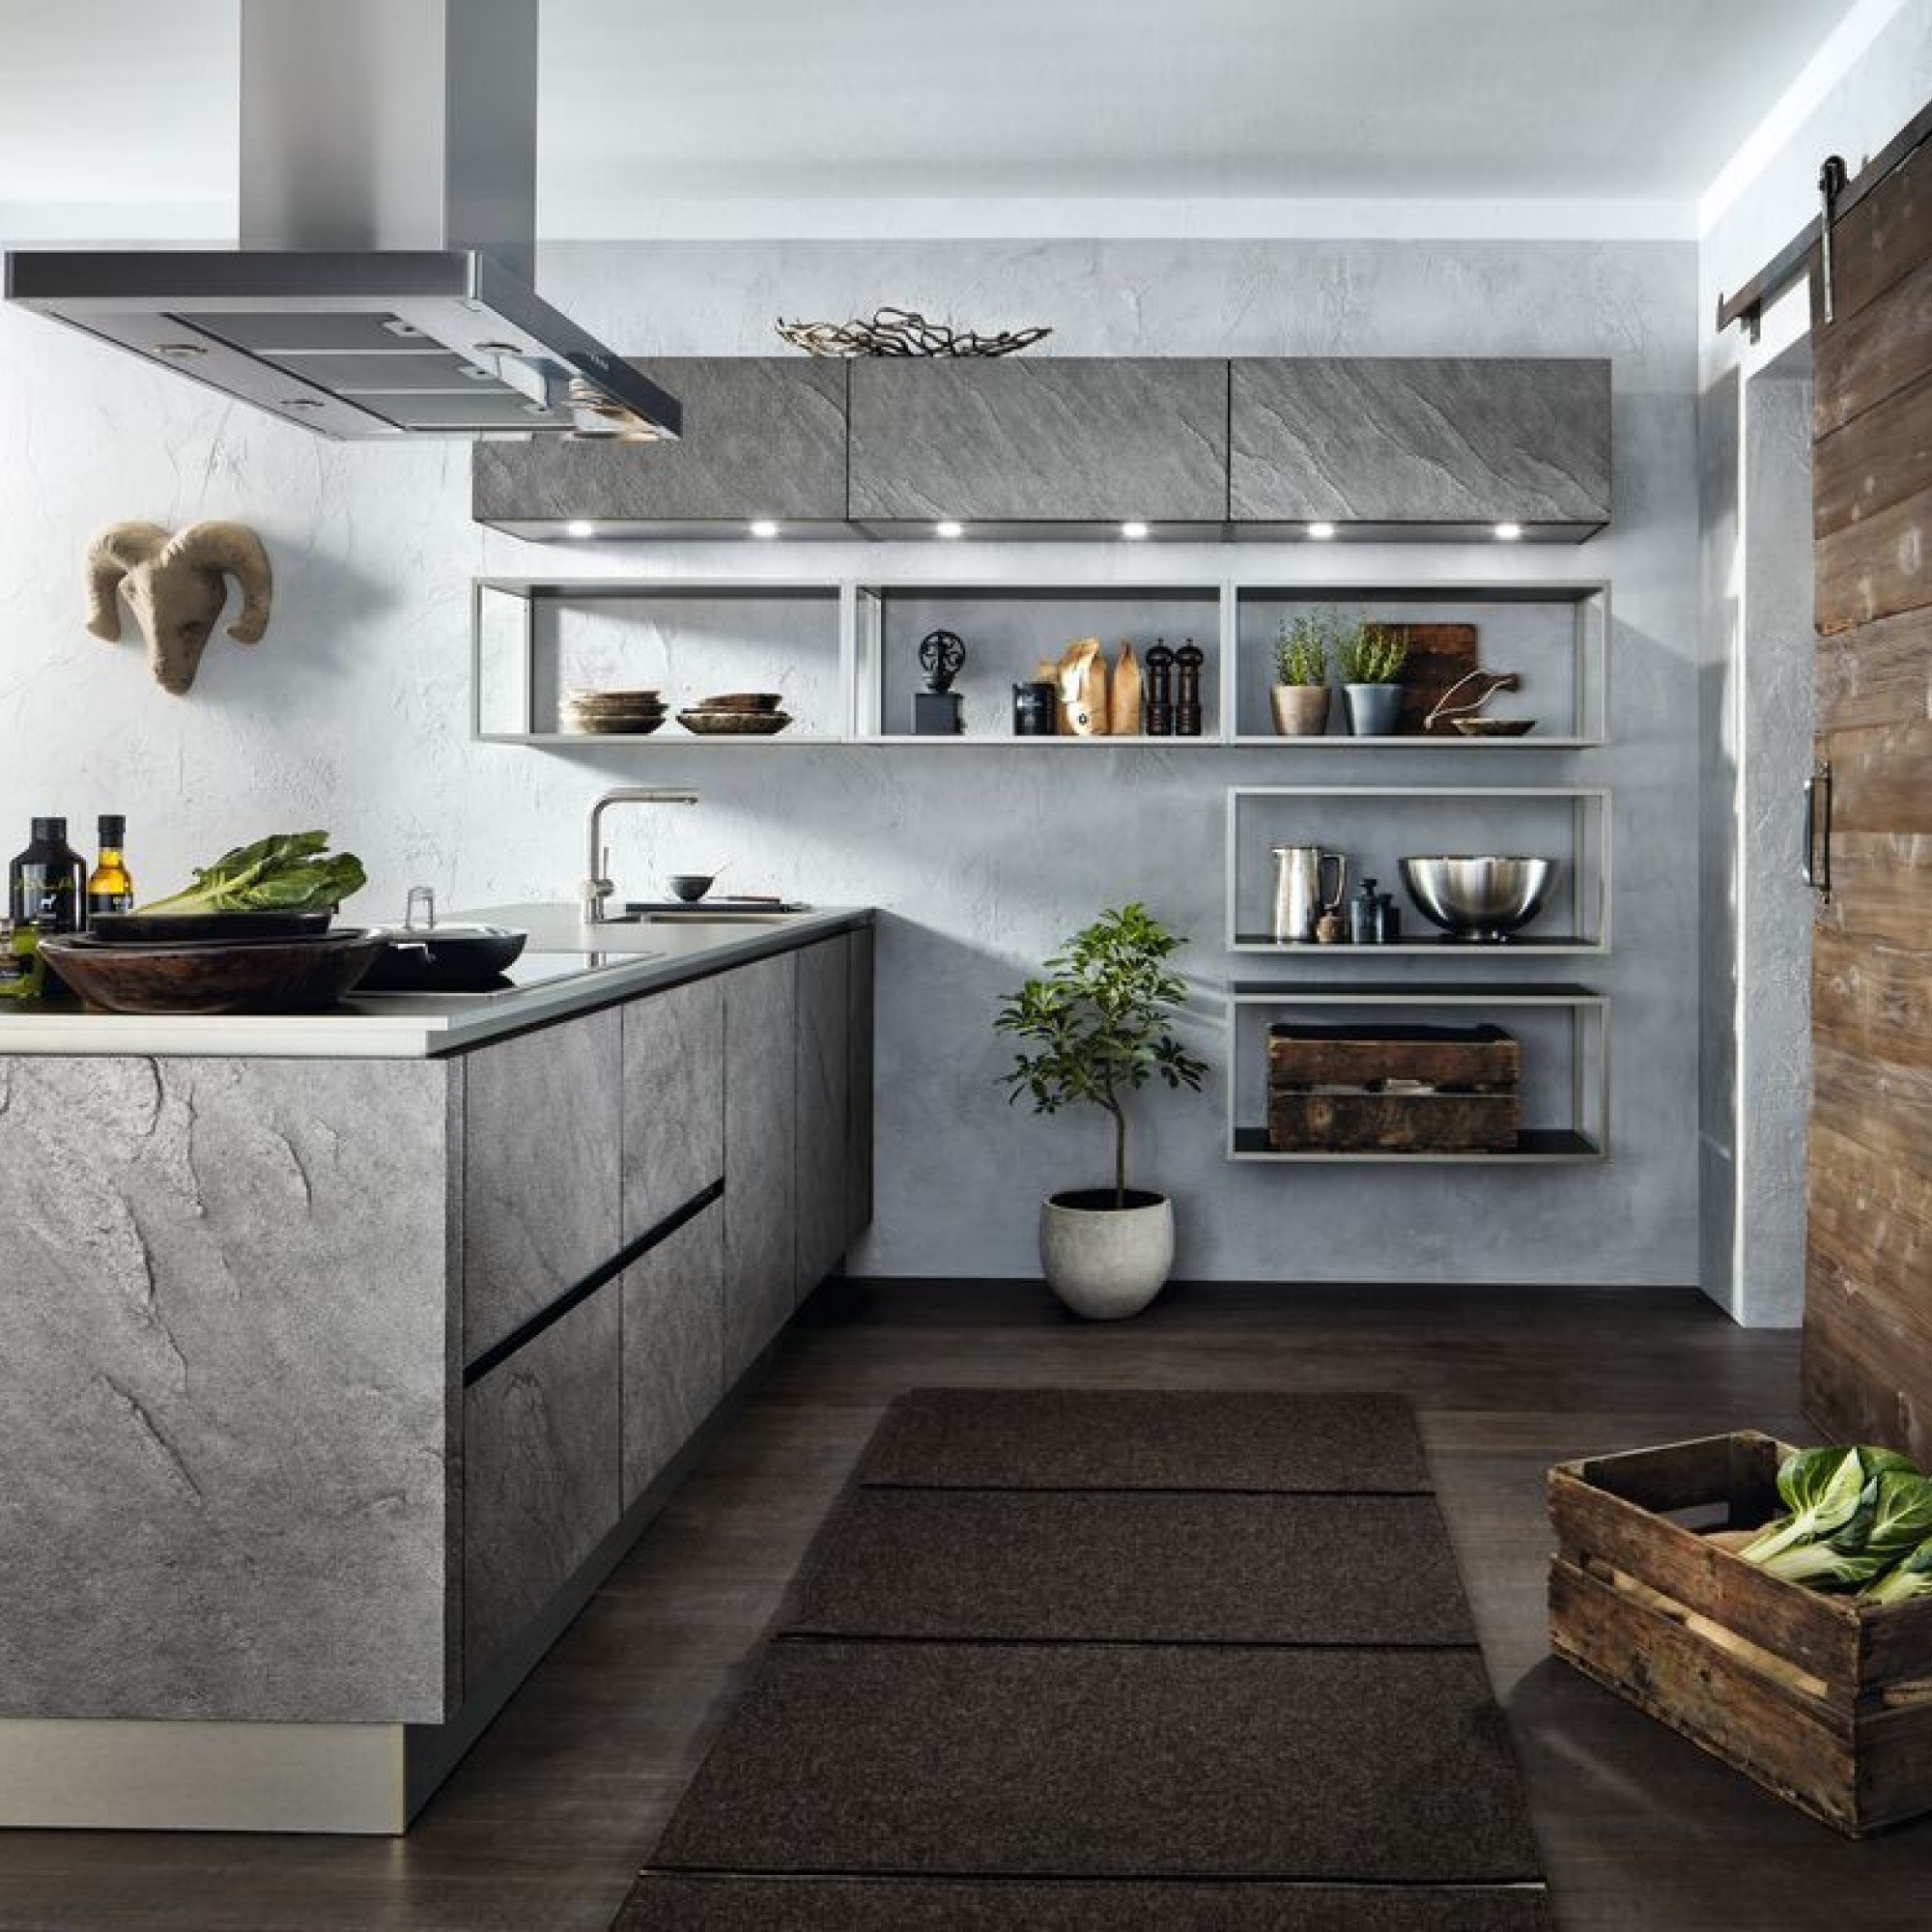 Stoere industriële betonlook keuken met metalen blad